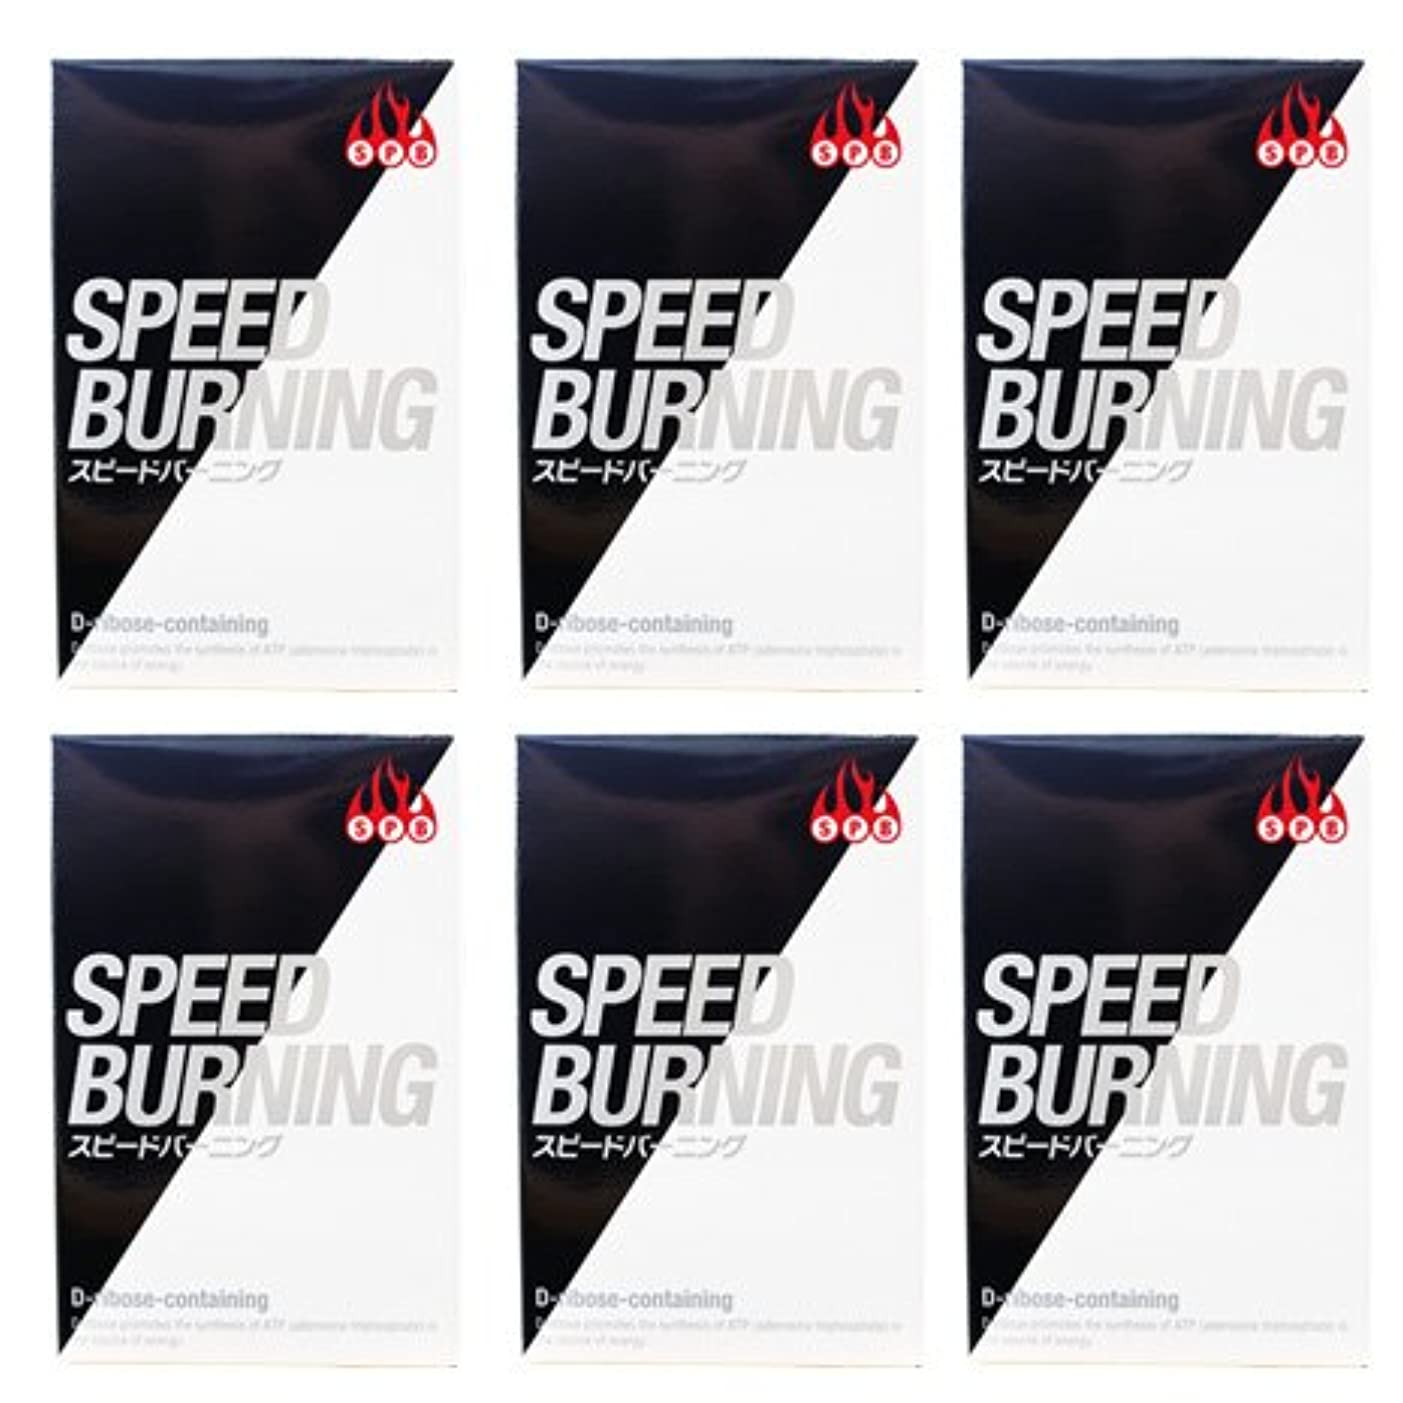 フラッシュのように素早く提供された初期スピードバーニング SPEED BURNING×6個